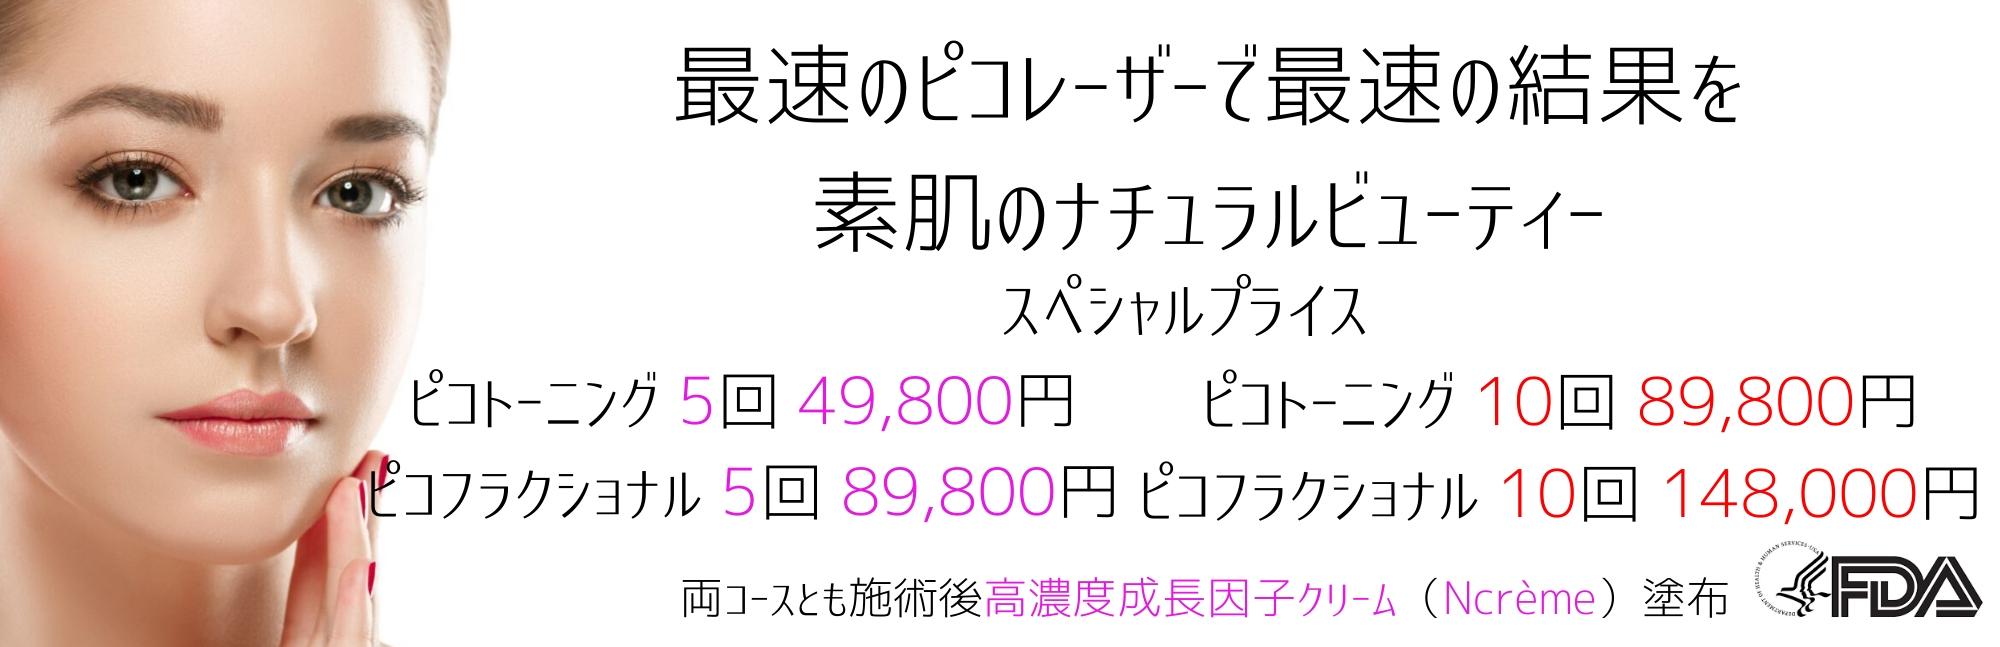 ピコーレーザー(ピコトーニング・ピコフラクショナル)特別価格